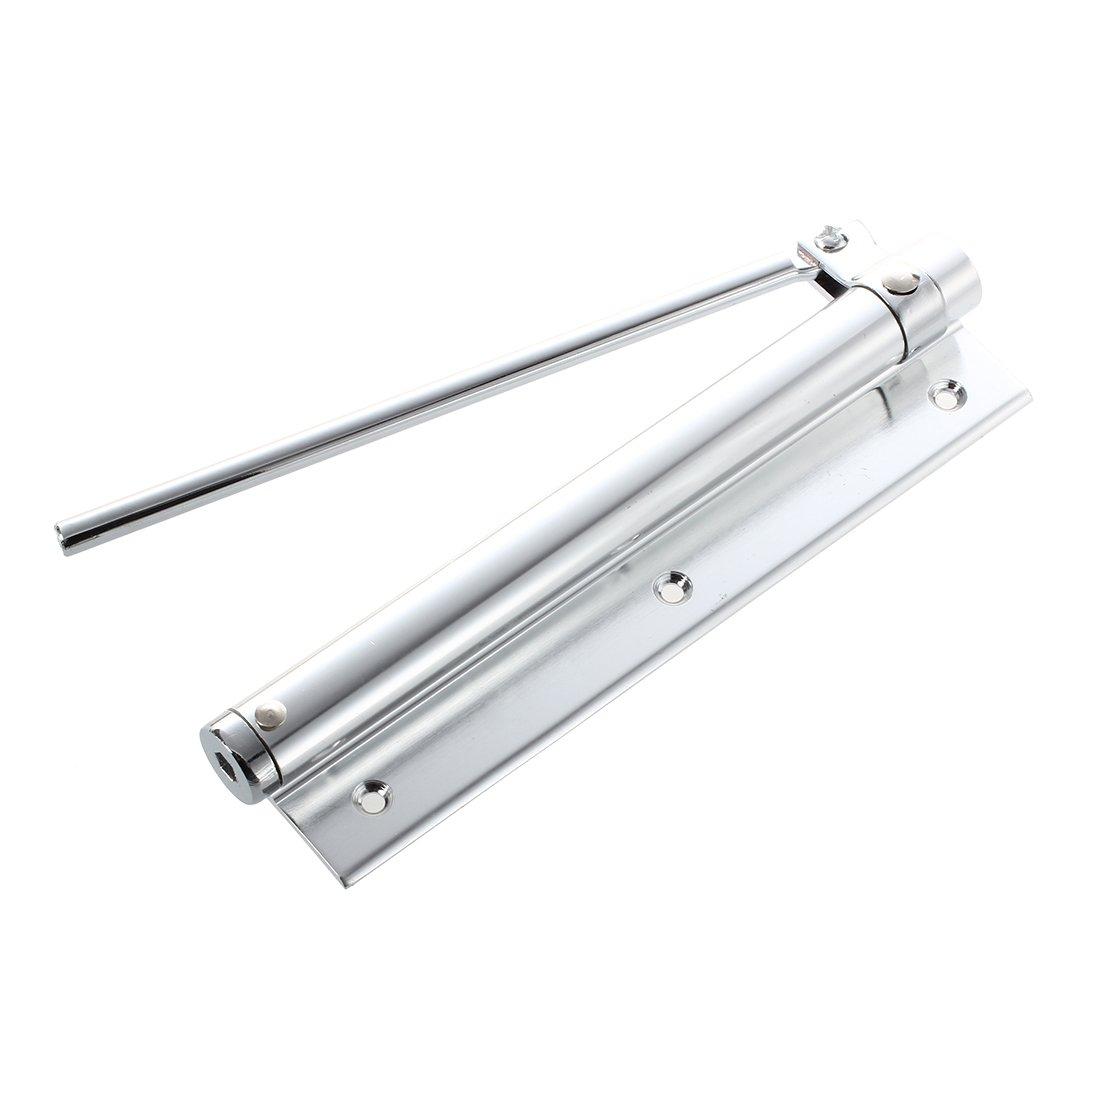 Cierrapuertas Tono plateado de aleacion de aluminio Cierrapuertas automaticos 18,03 cm largo SODIAL R